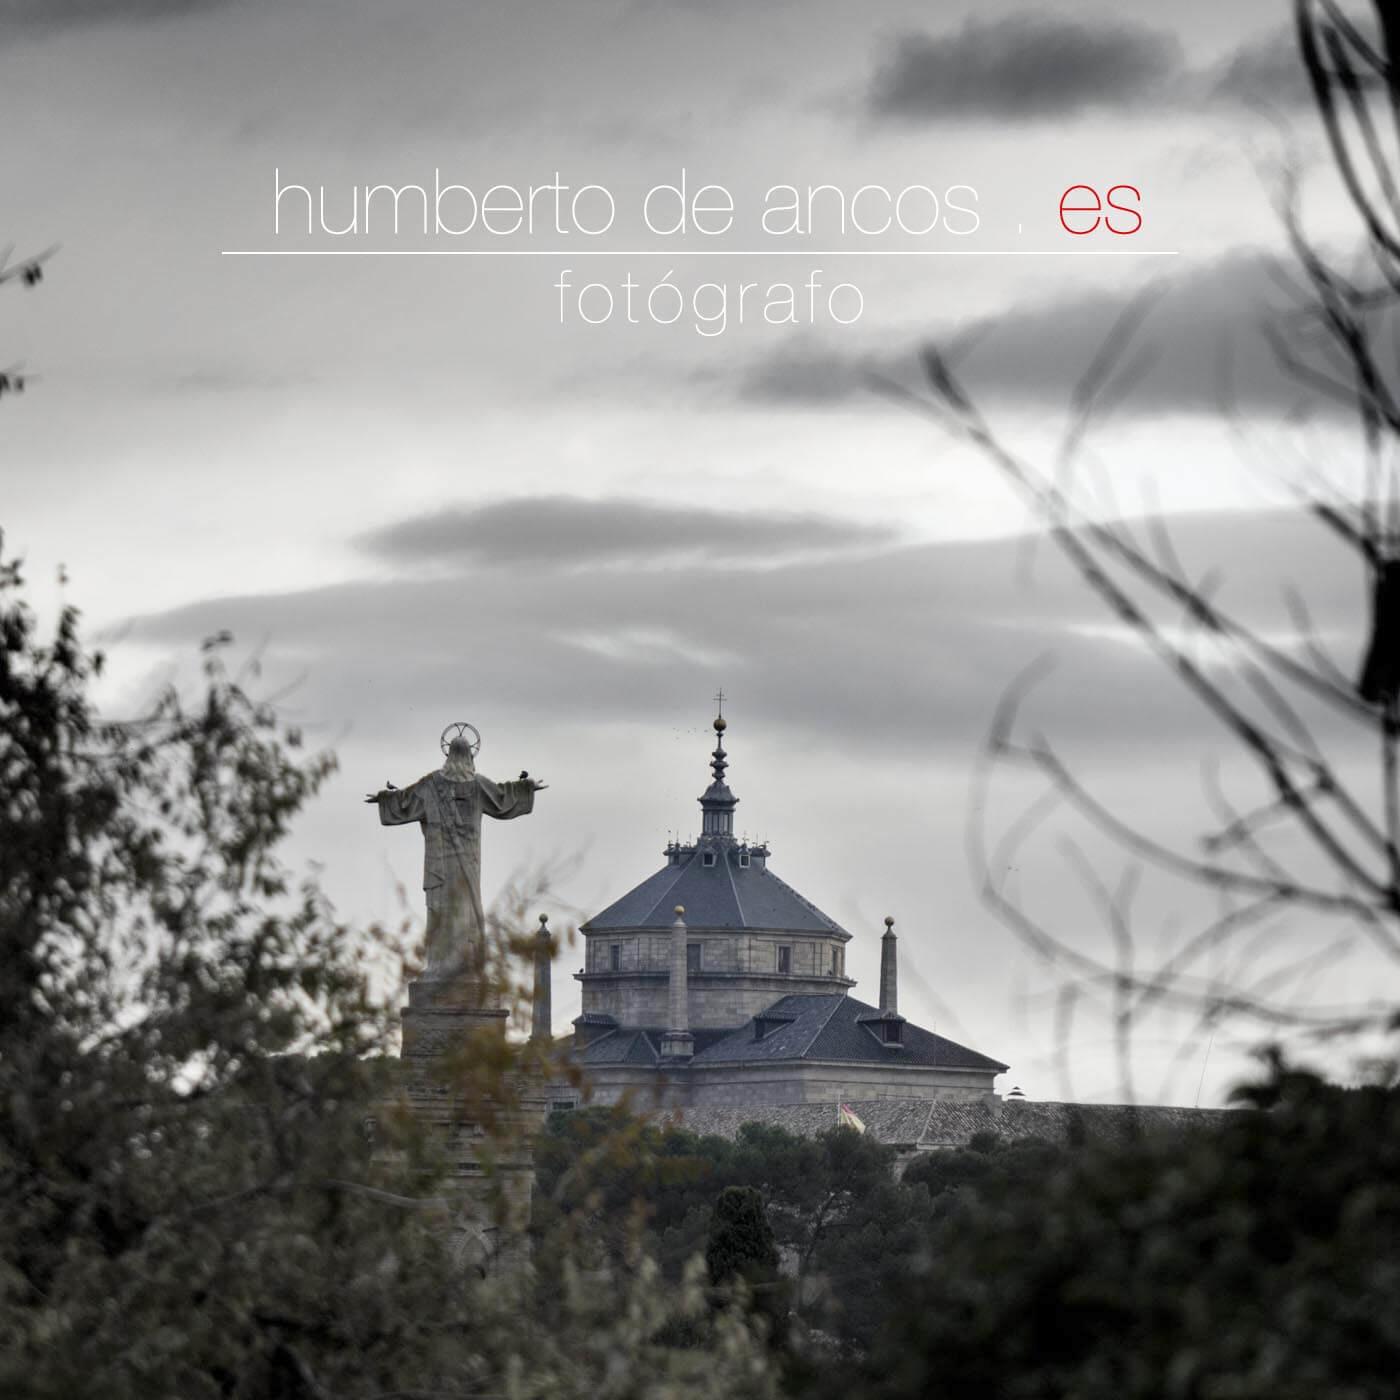 Toledo, Humberto de Ancos, Fotógrafo, fotógrafo profesional